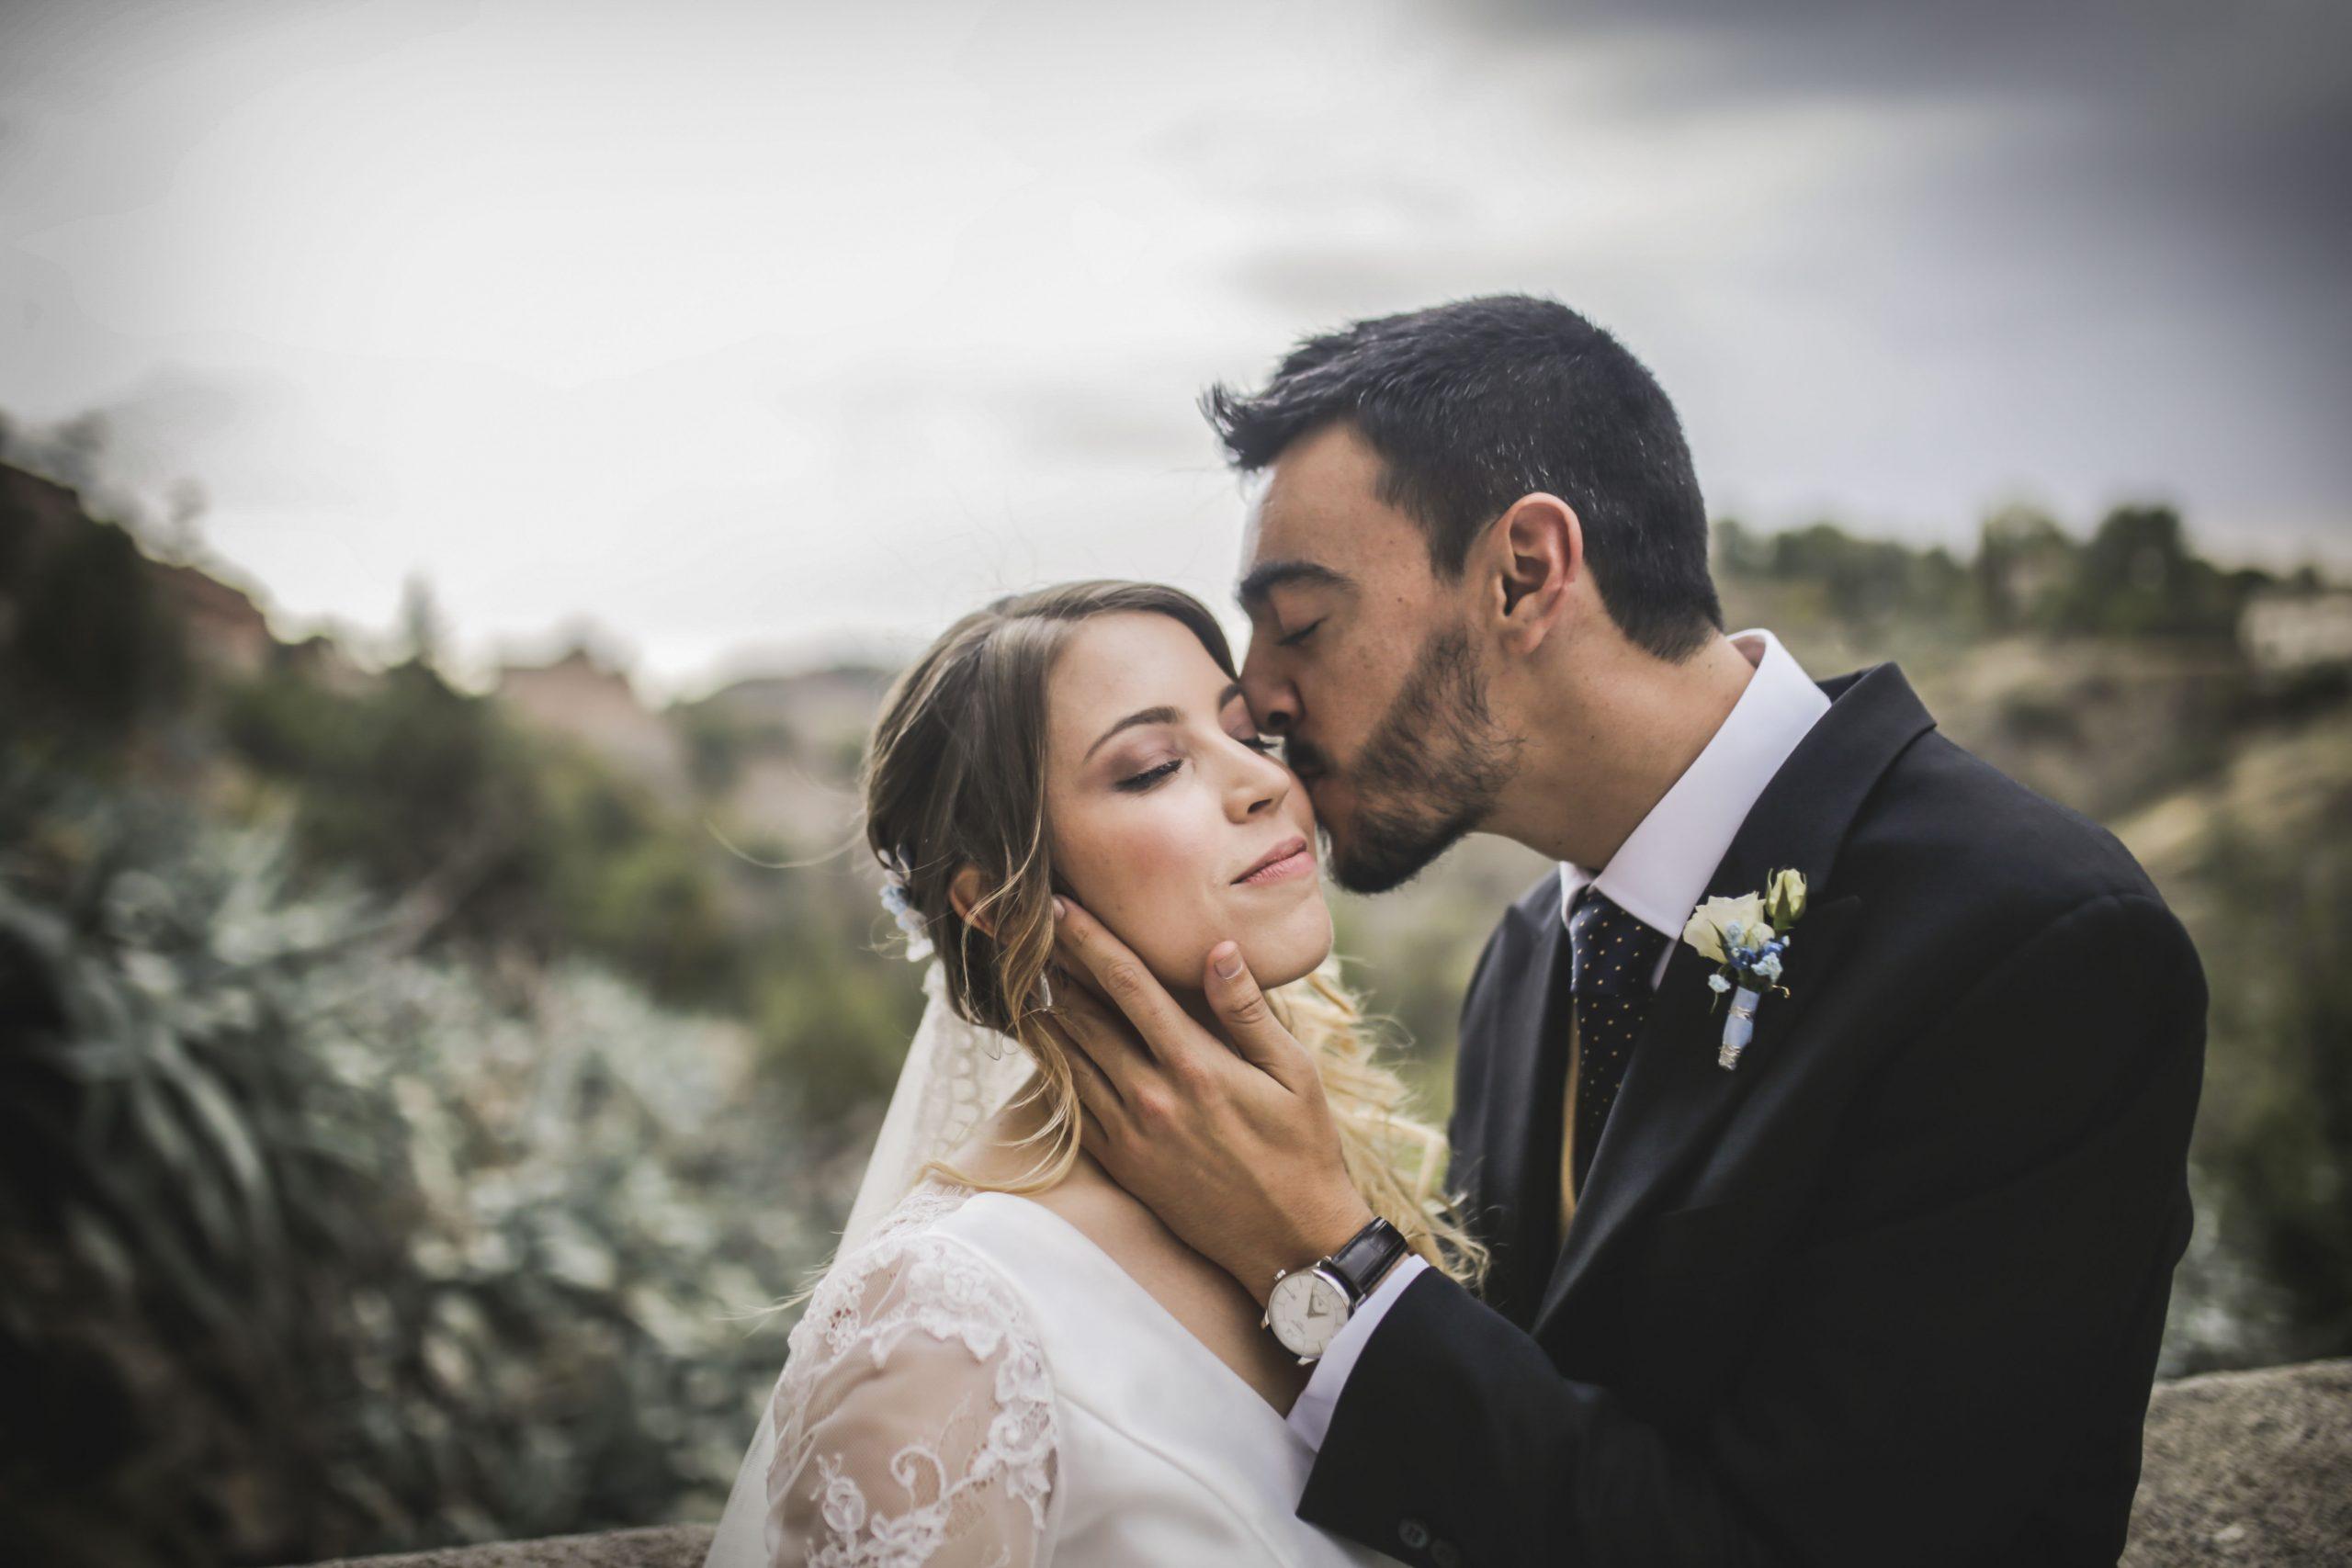 Novio besando a la novia en su boda